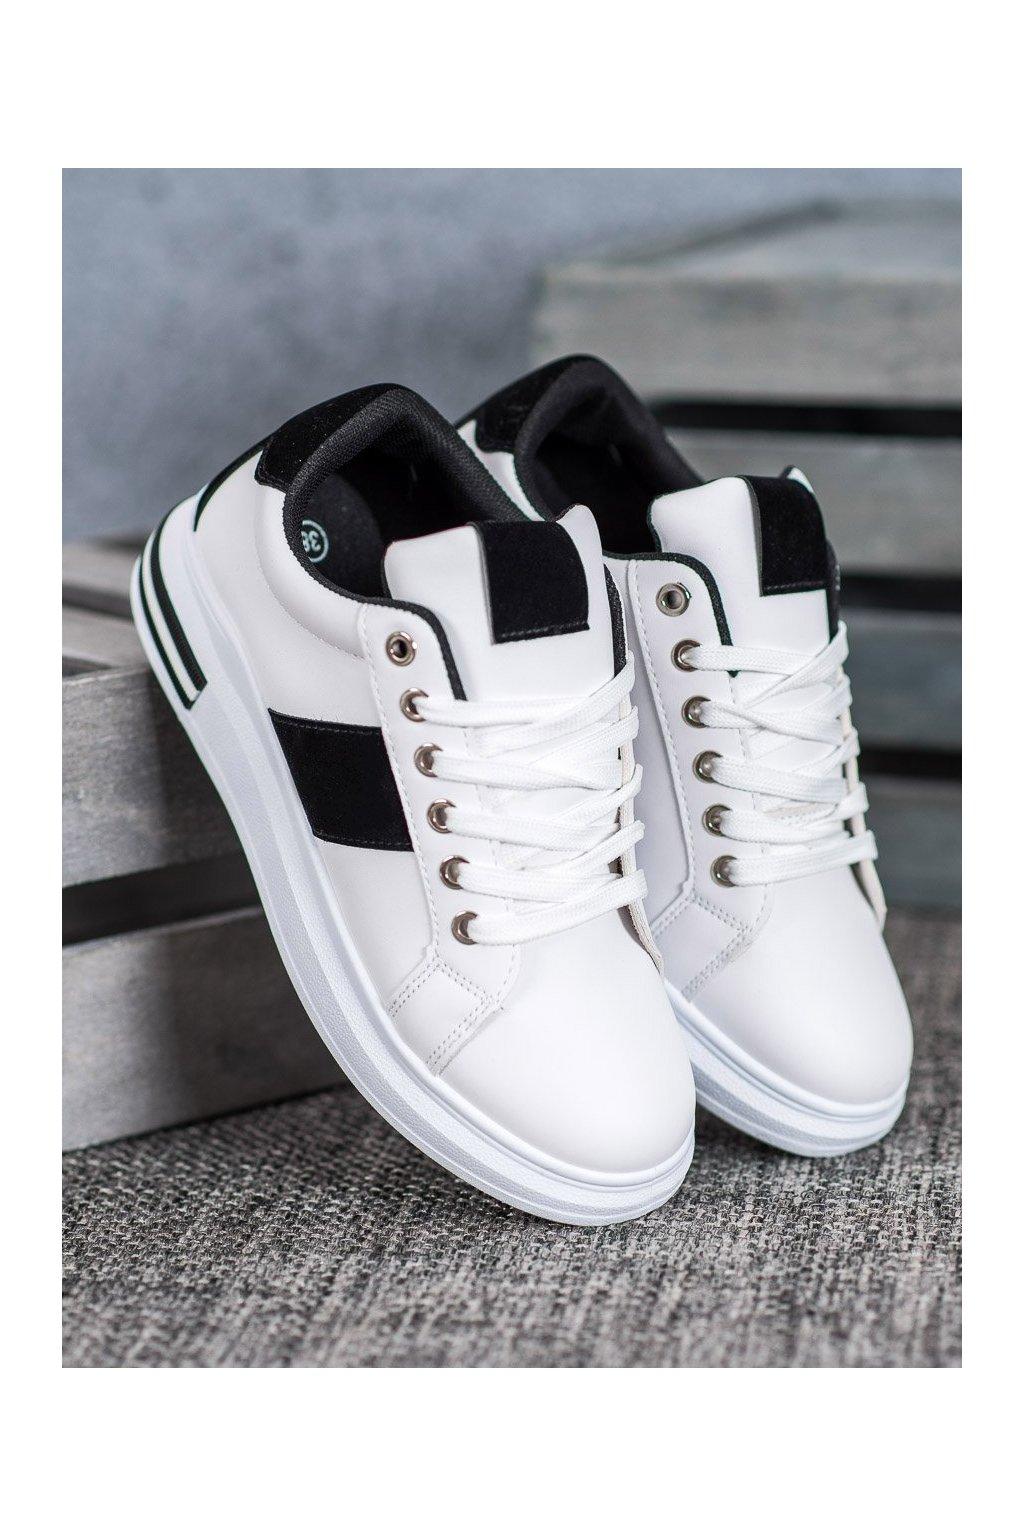 Biele tenisky Shelovet NJSK AB696W/B